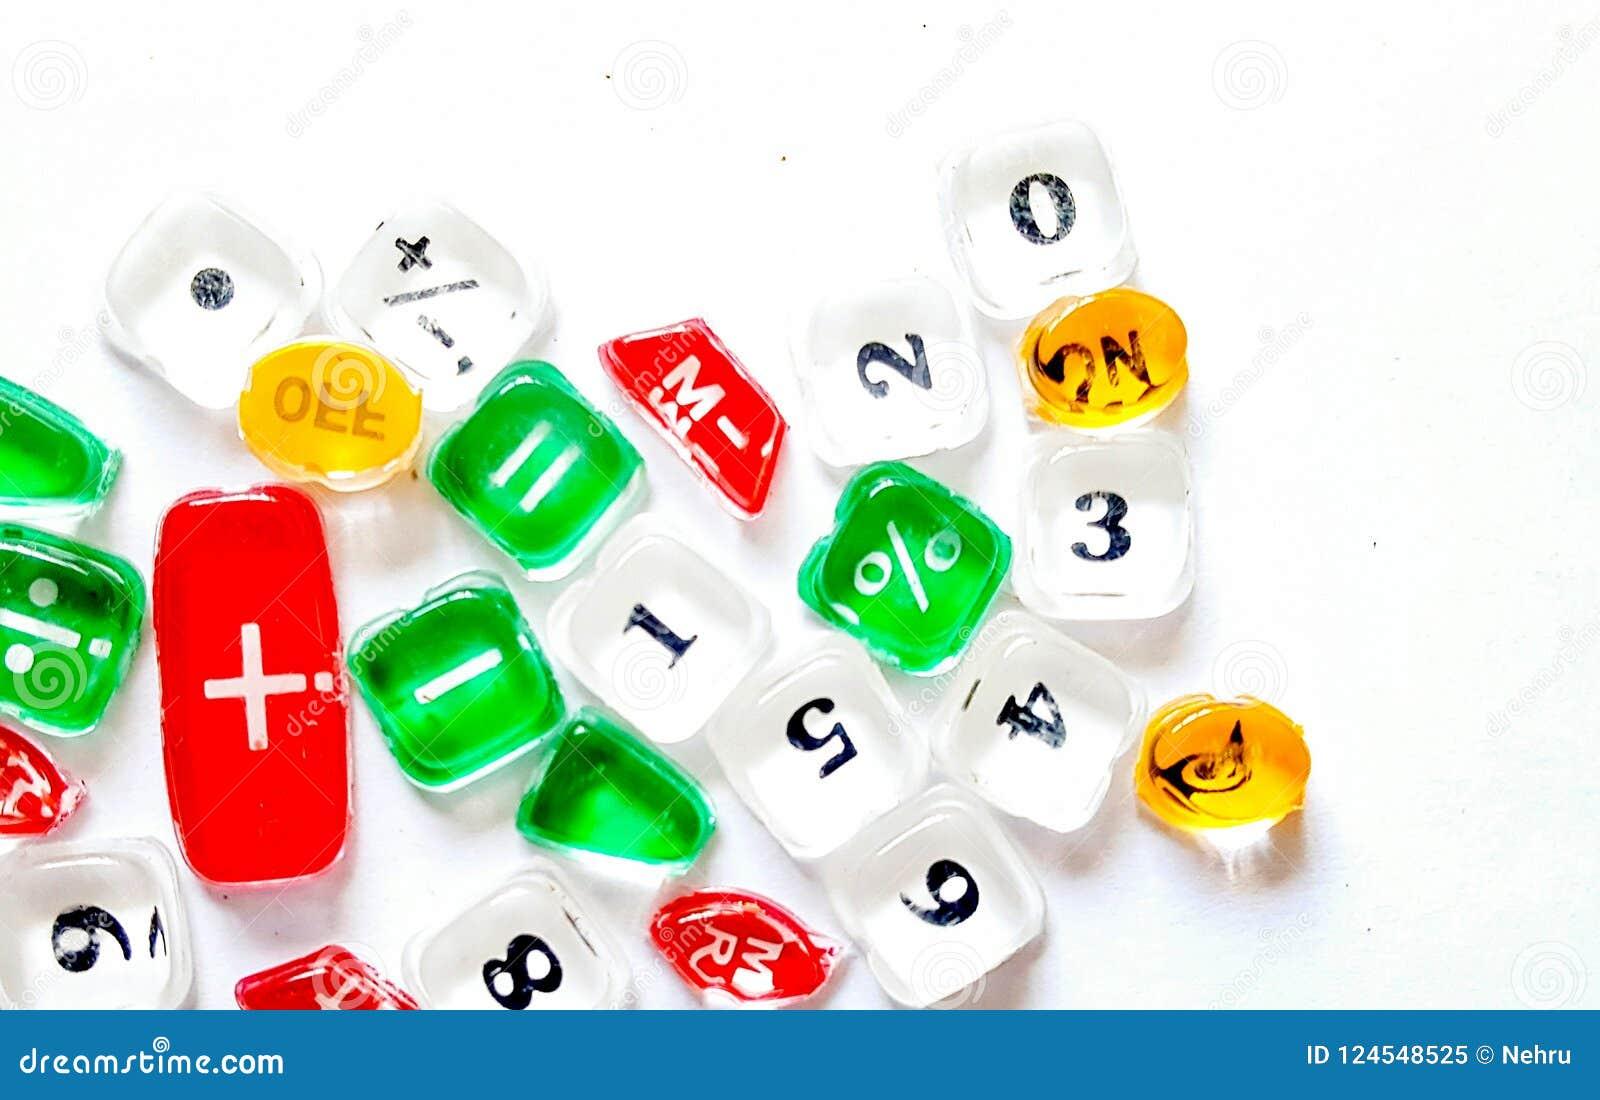 Tranculucent guziki kalkulator z liczbami